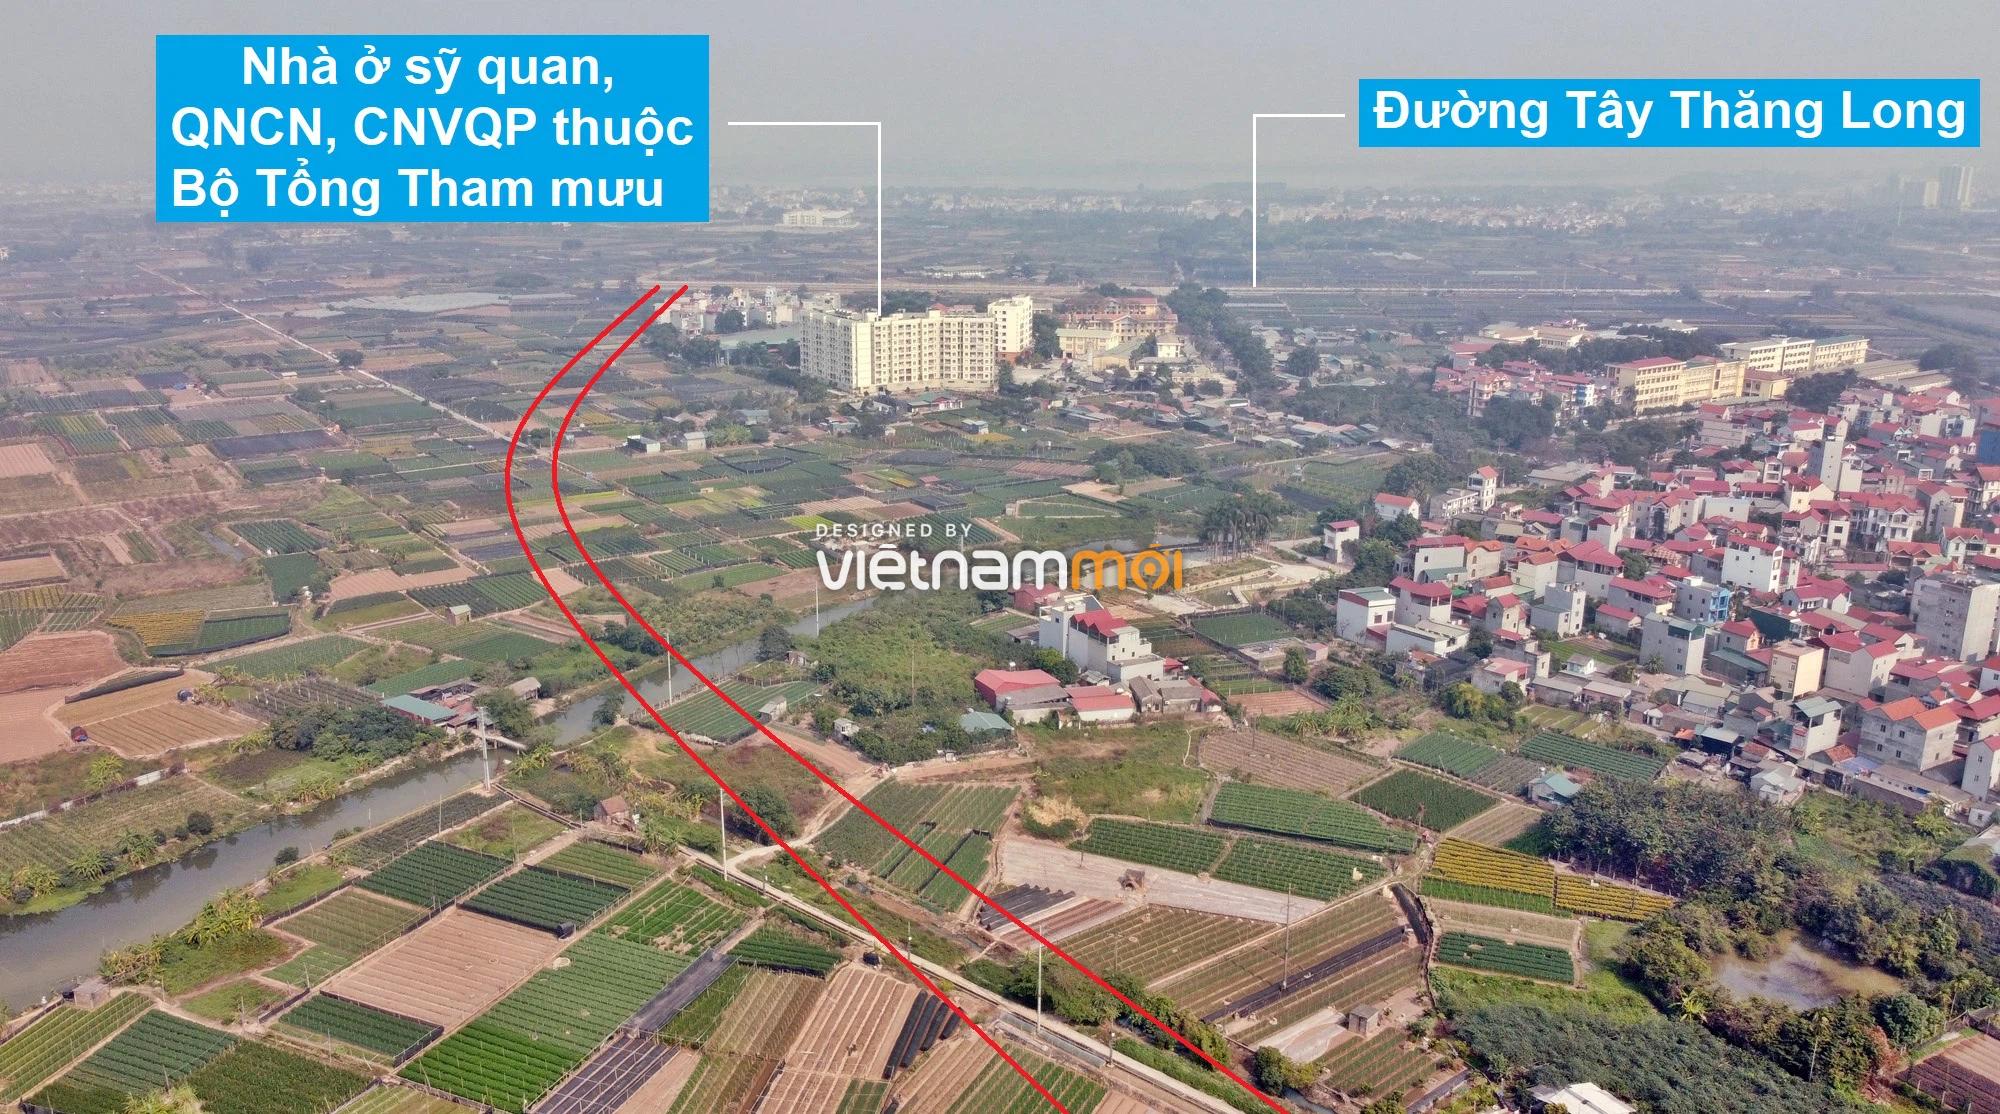 Đường Vành đai 3,5 sẽ mở theo quy hoạch qua quận Bắc Từ Liêm, Hà Nội - Ảnh 5.